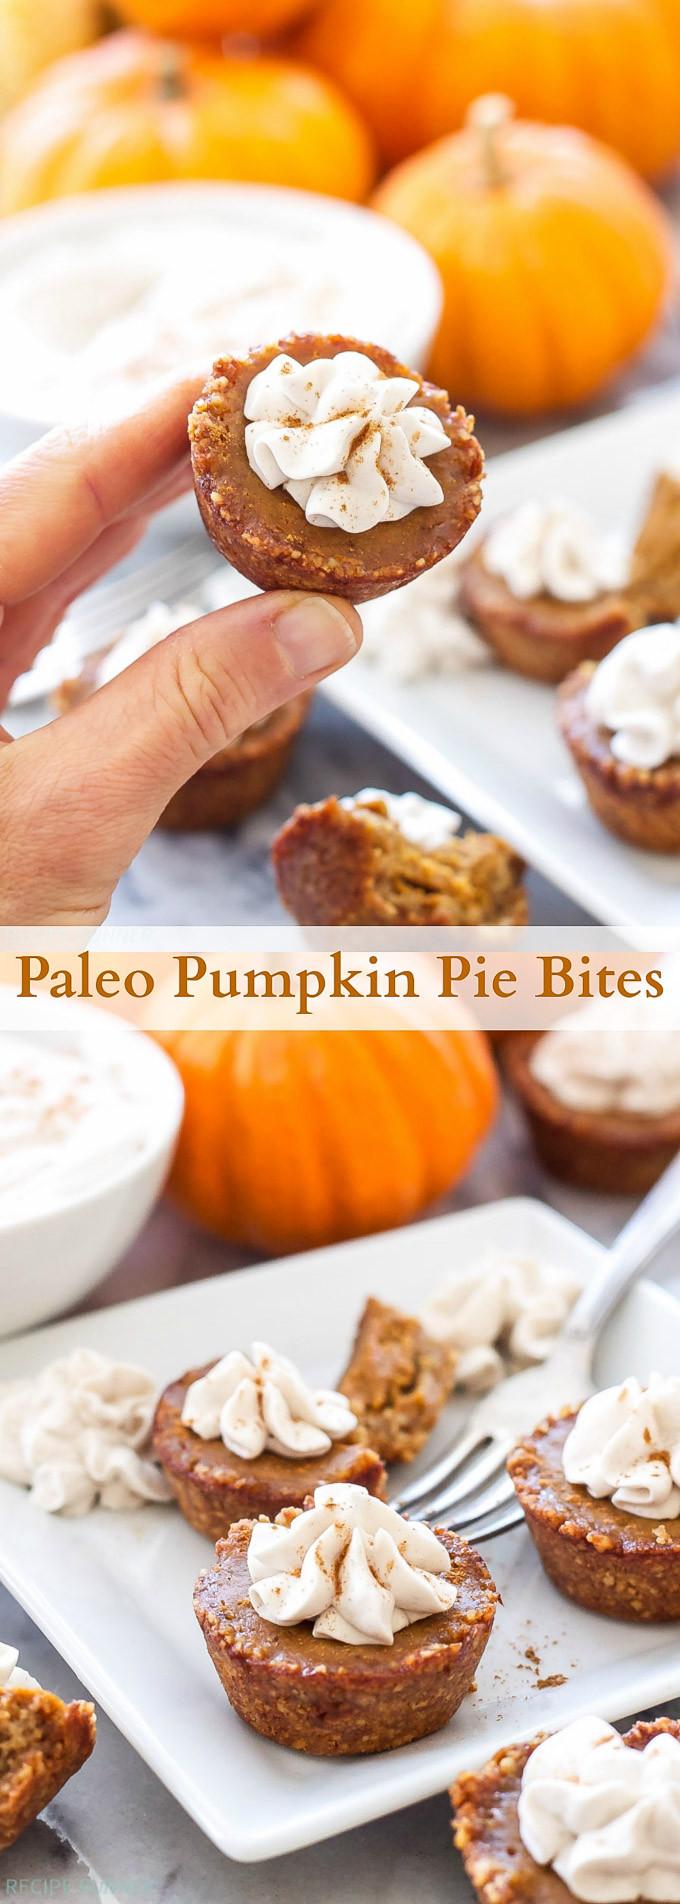 Paleo Thanksgiving Dessert  Paleo Pumpkin Pie Bites Recipe Runner